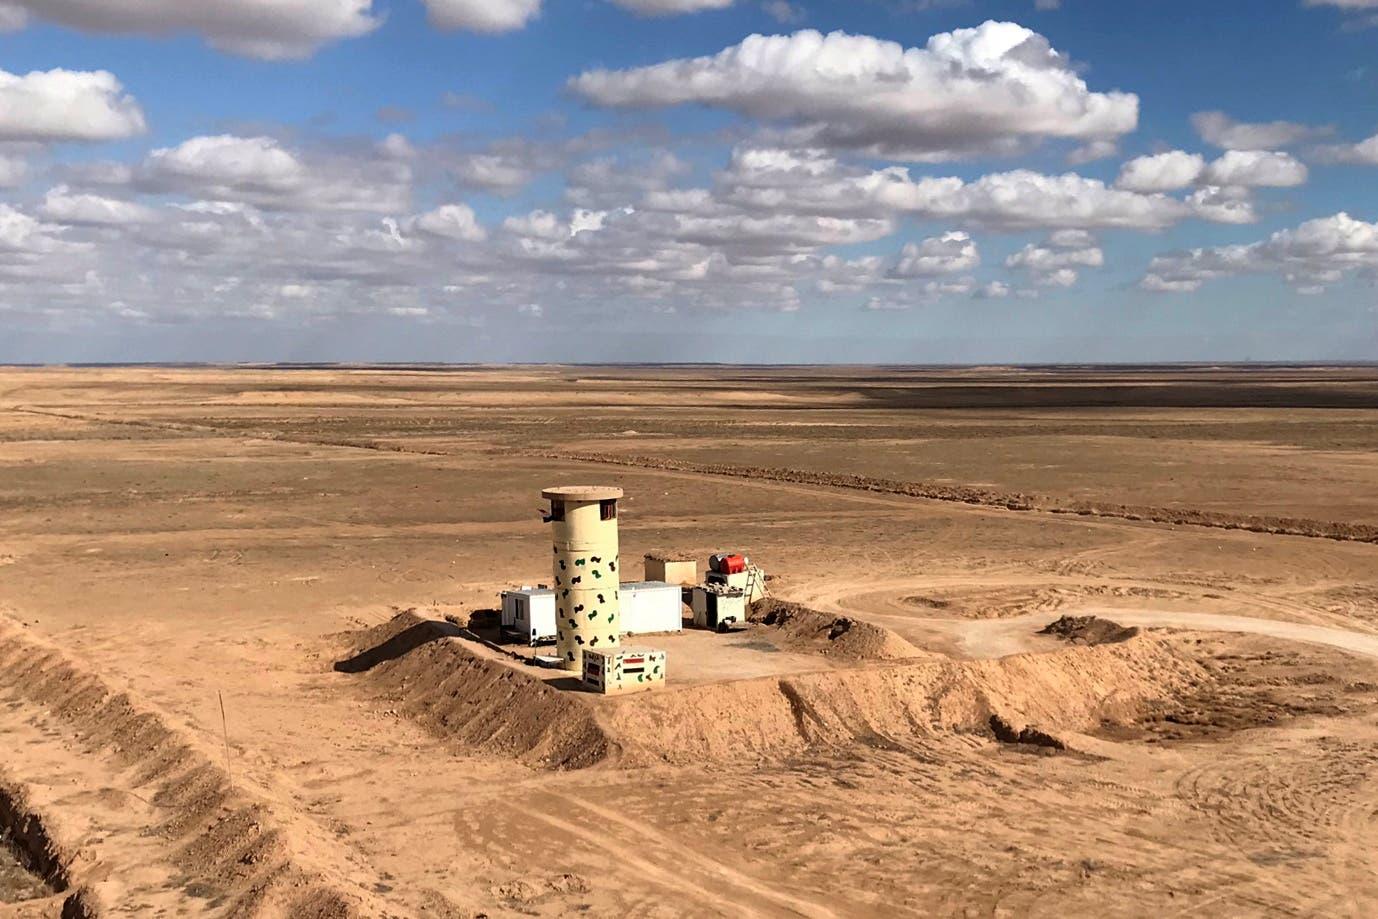 نقطة مراقبة وخنادق من الجانب العراقي من الحدود مع سوريا